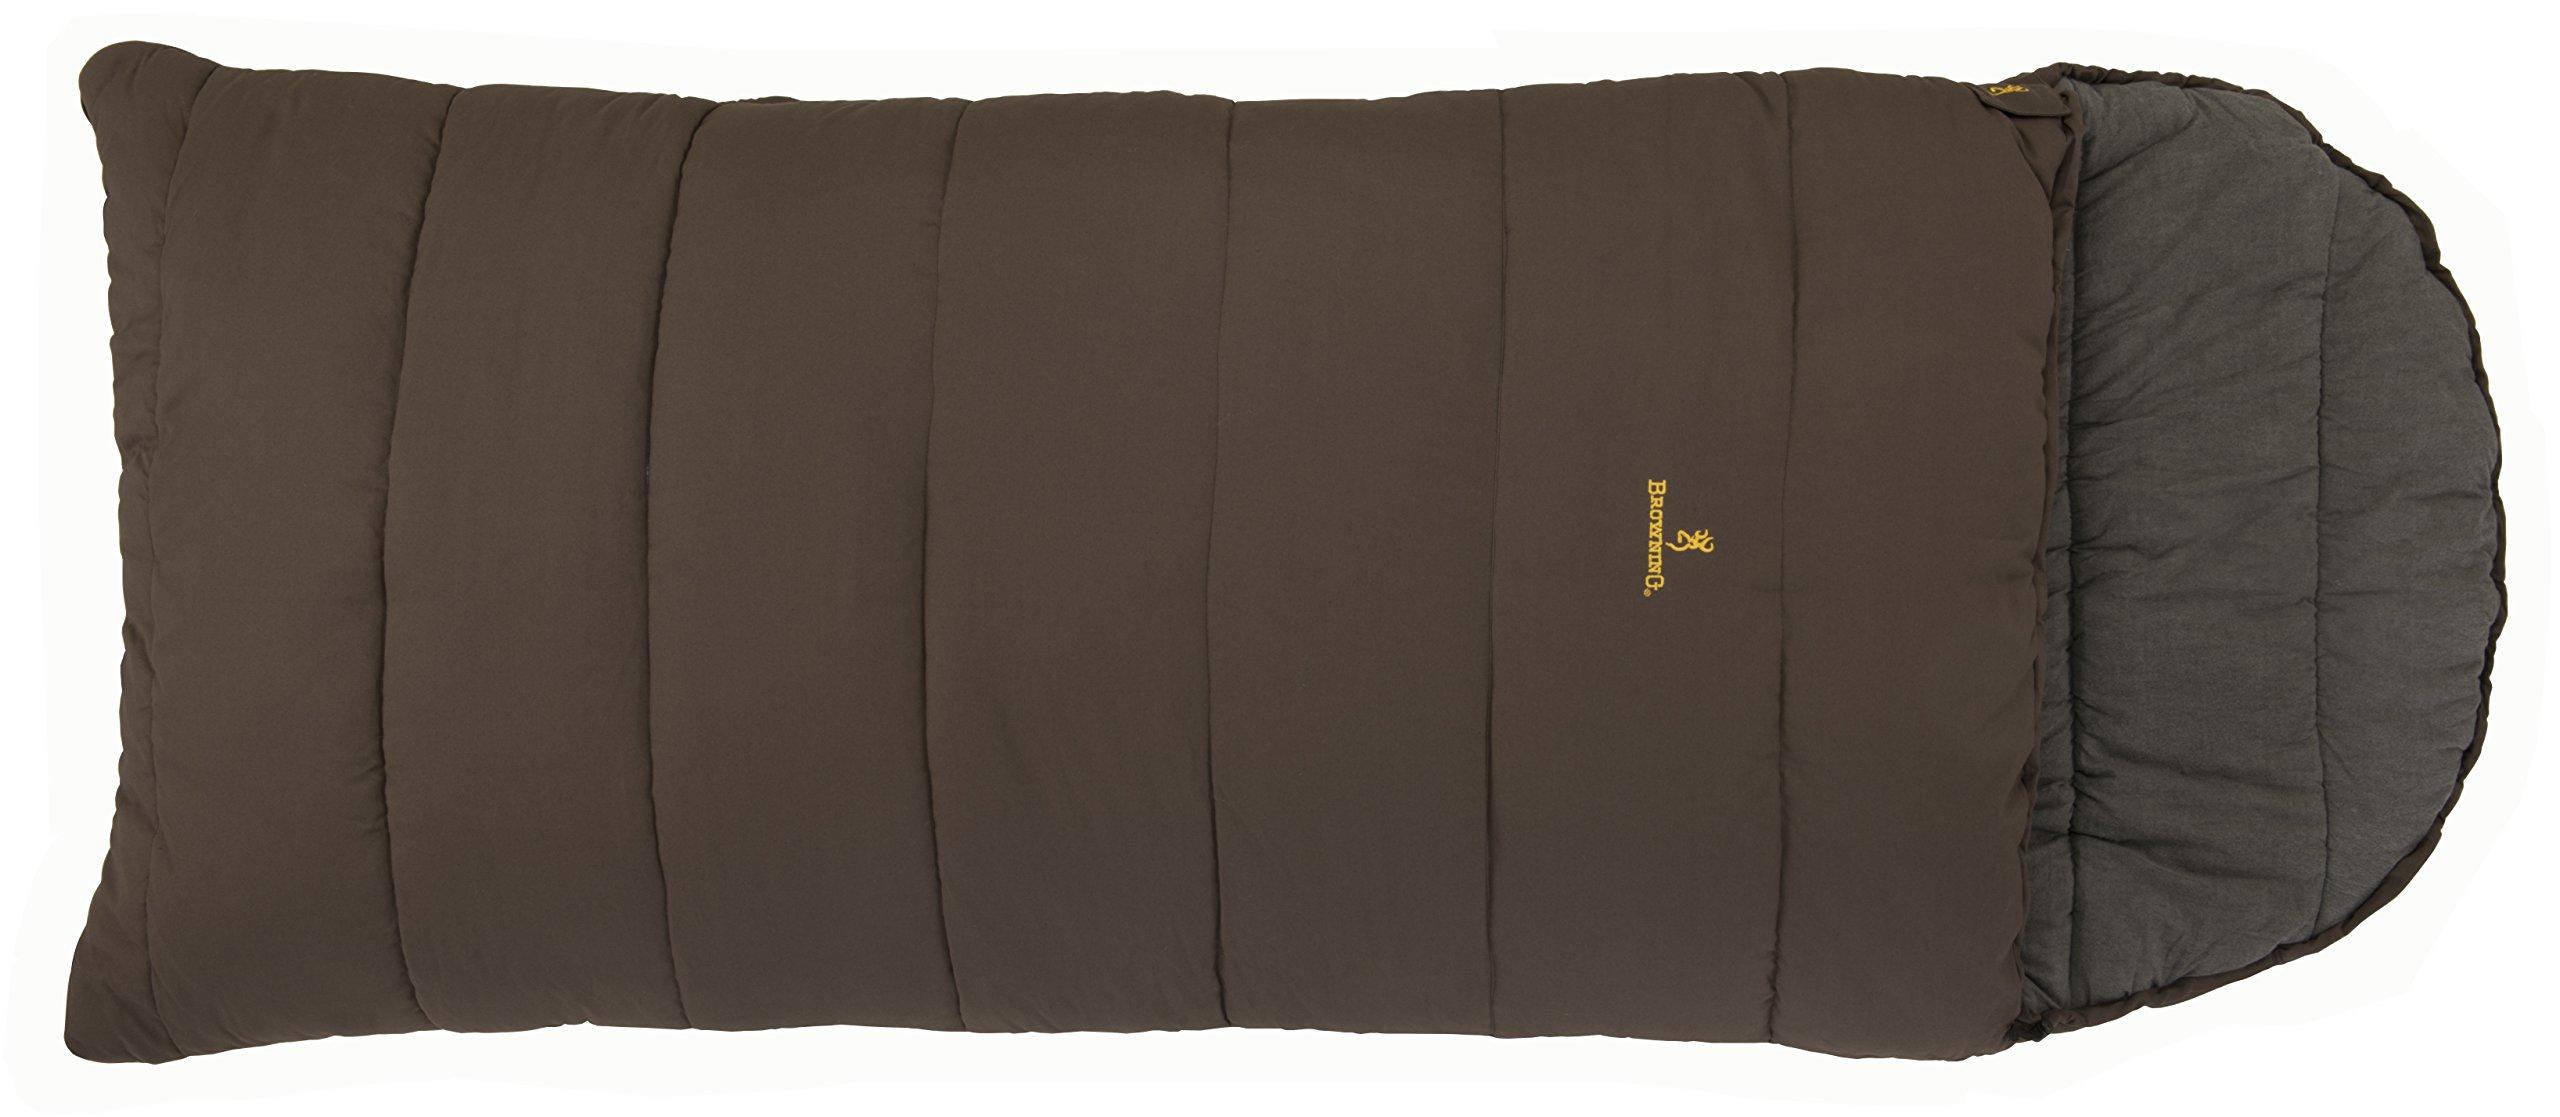 Browning Camping Klondike -30 Degree Sleeping Bag by Browning Camping (Image #2)